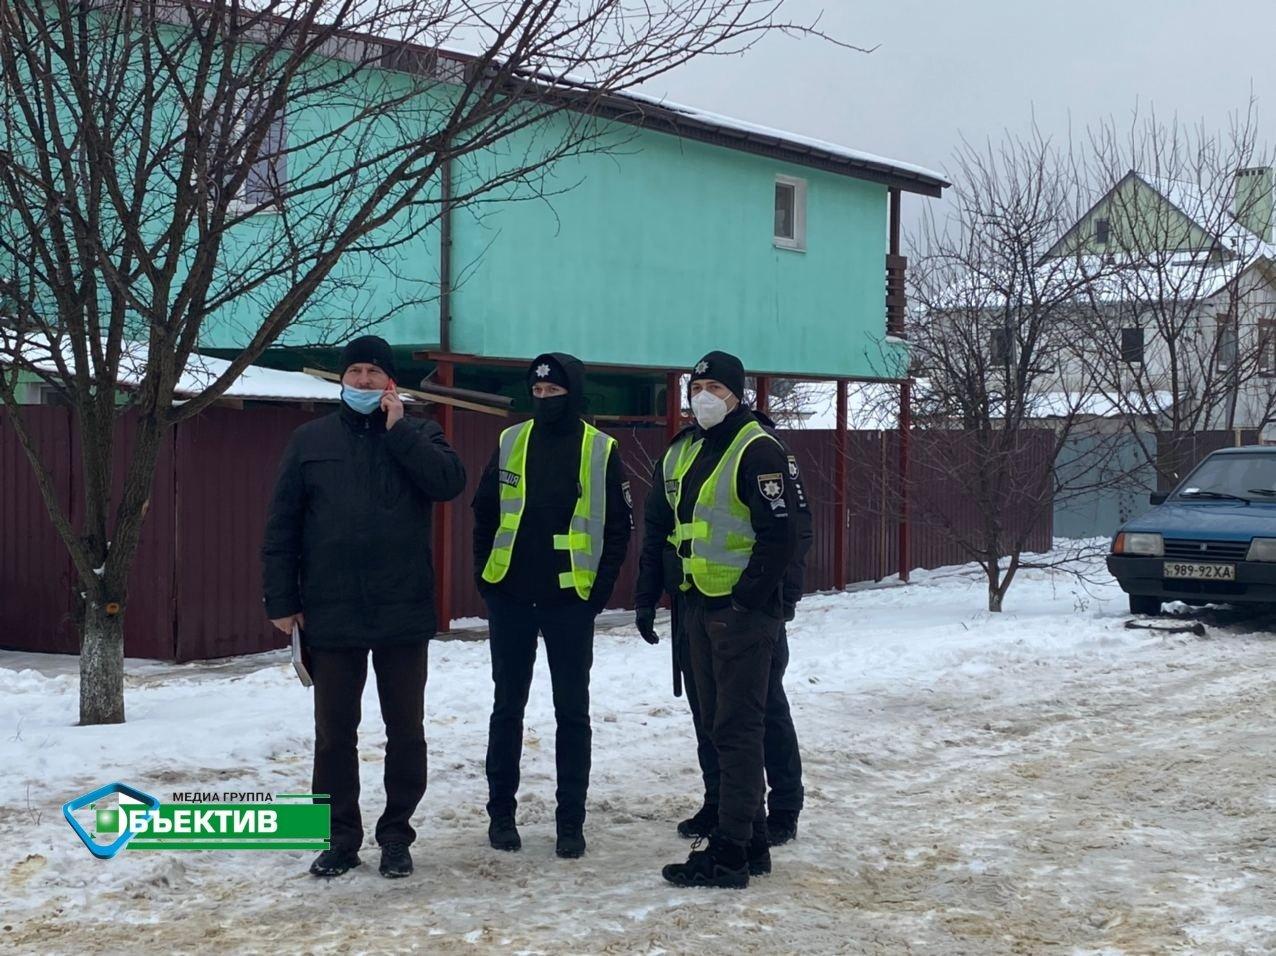 Полиция перекрыла дороги в районе места пожара в доме престарелых. Ждут Зеленского (фото)